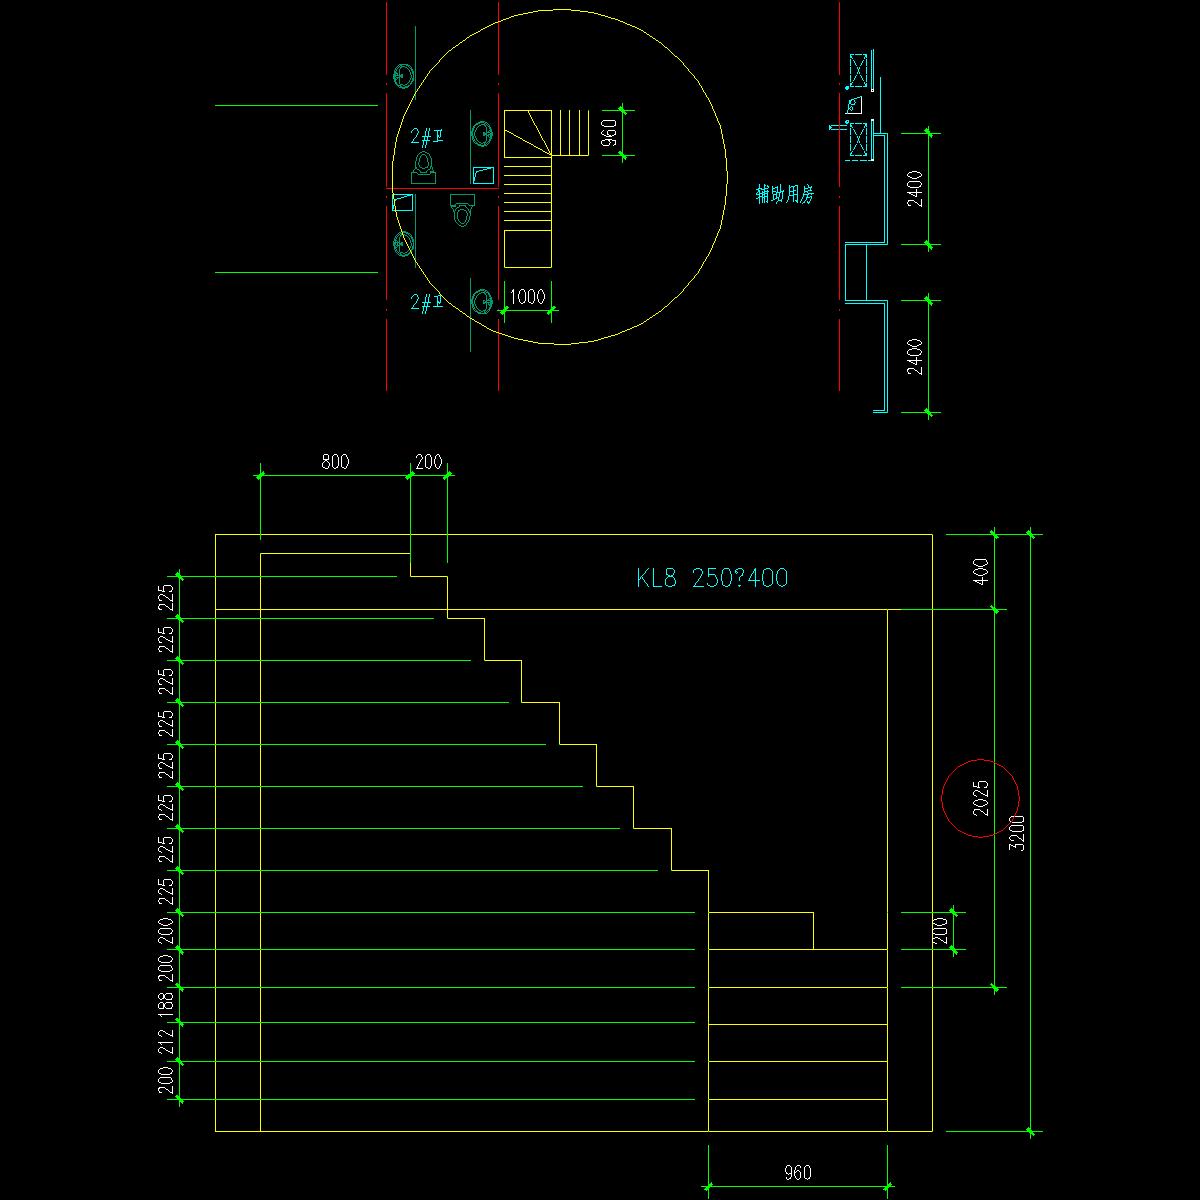 楼梯修改20090220.dwg